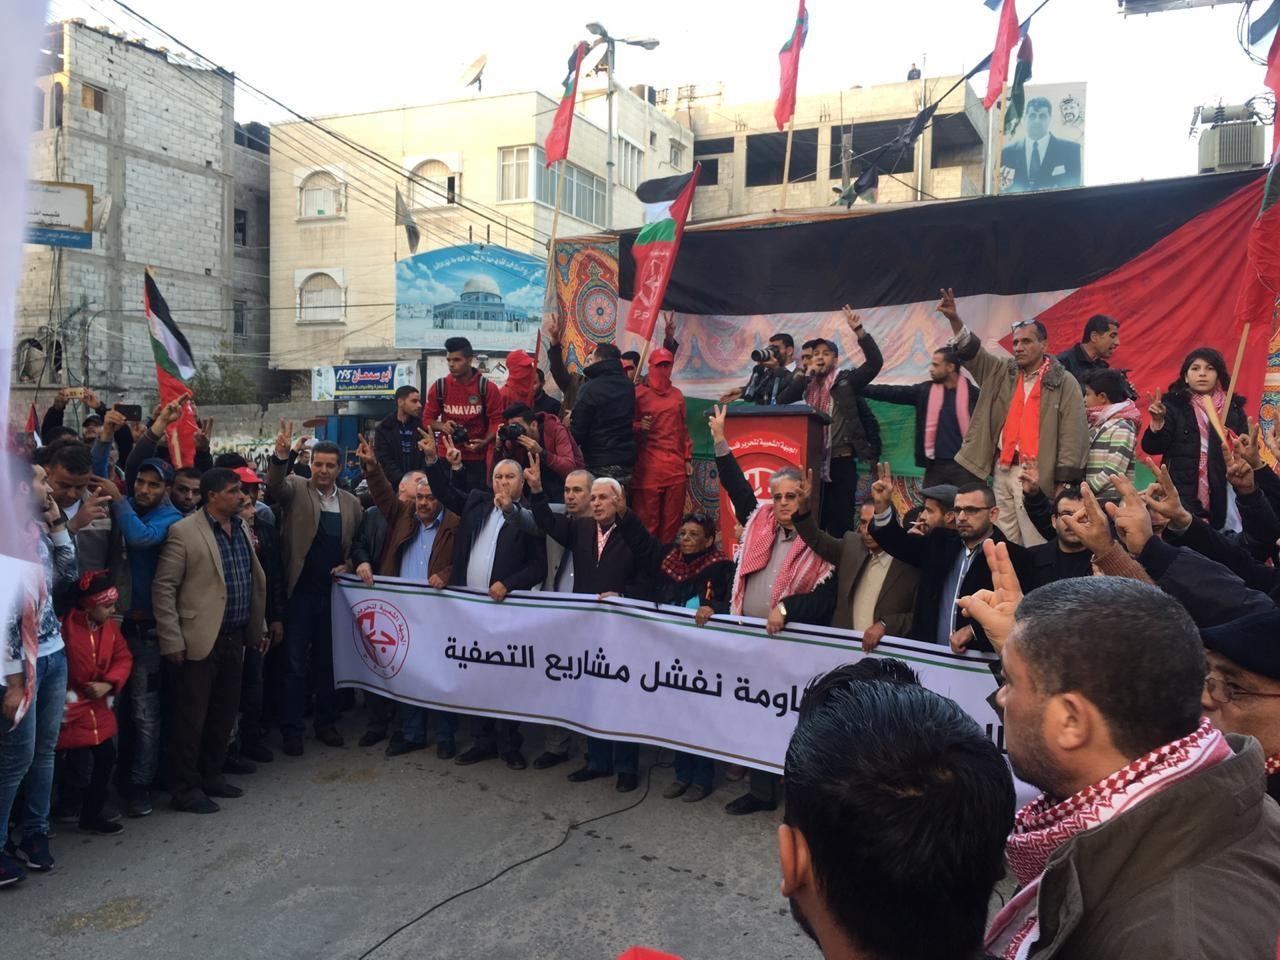 احياء ذكرى اطلاقة الجبهة الشعبية في مدينة غزة  (1).jpg